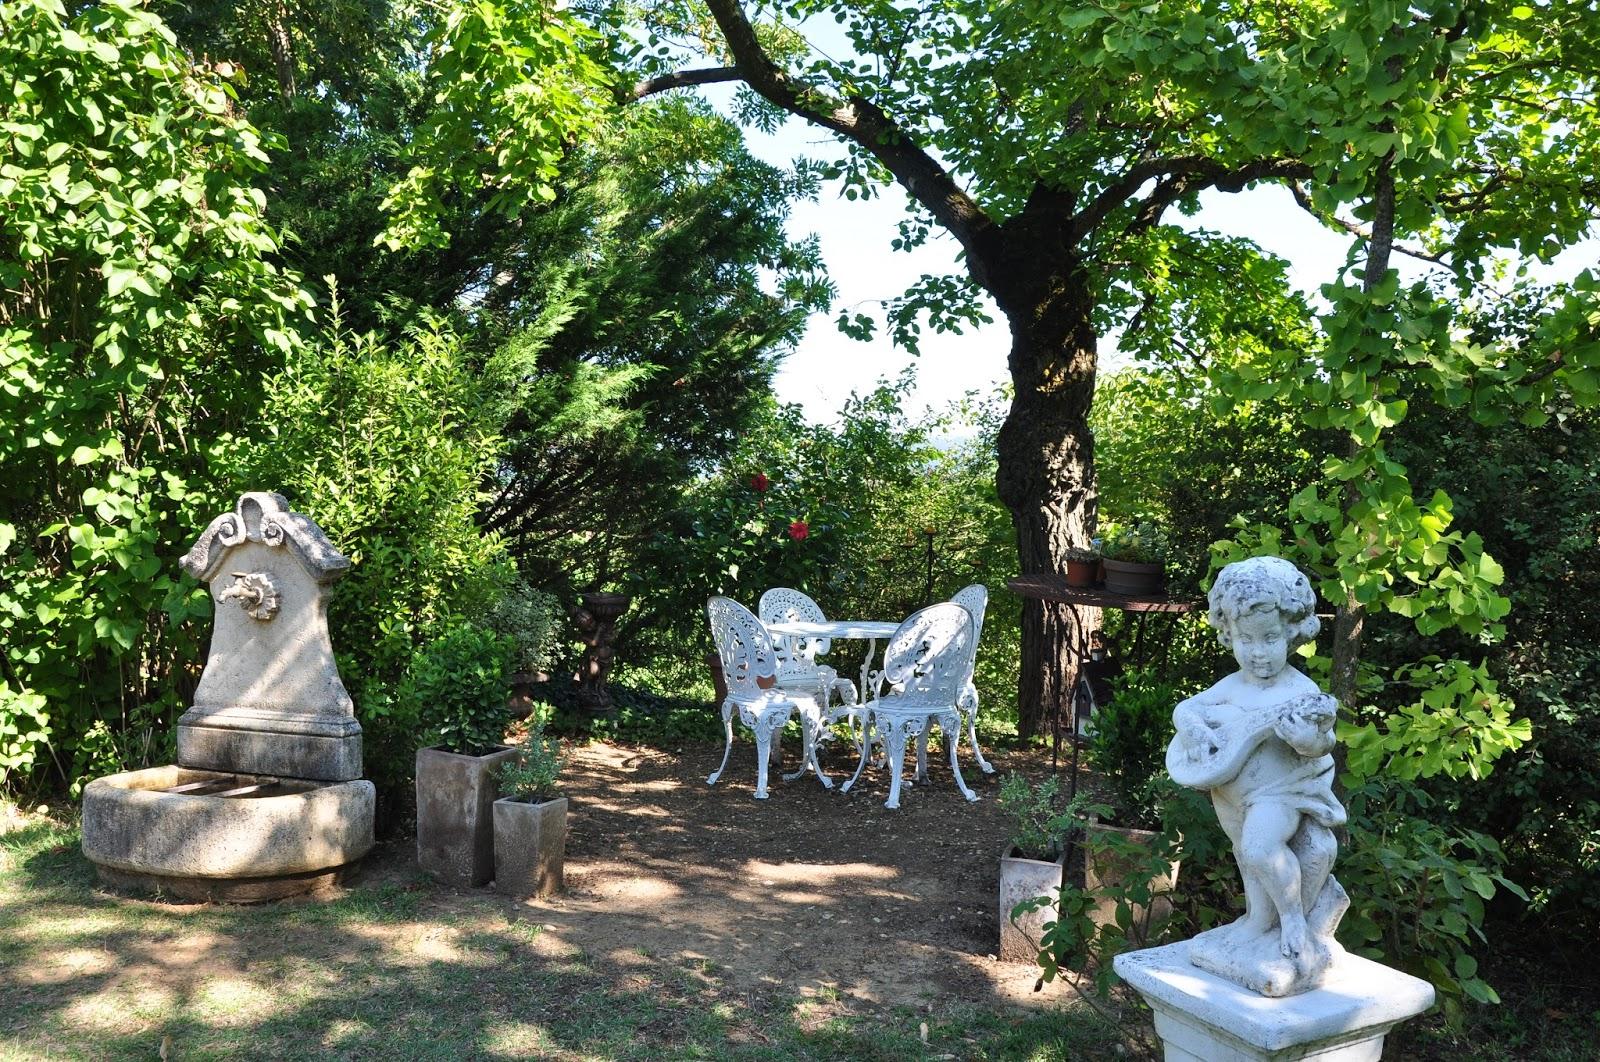 Le jardin du bois joli un petit coin de jardin romantique - Salon jardin romantique ...